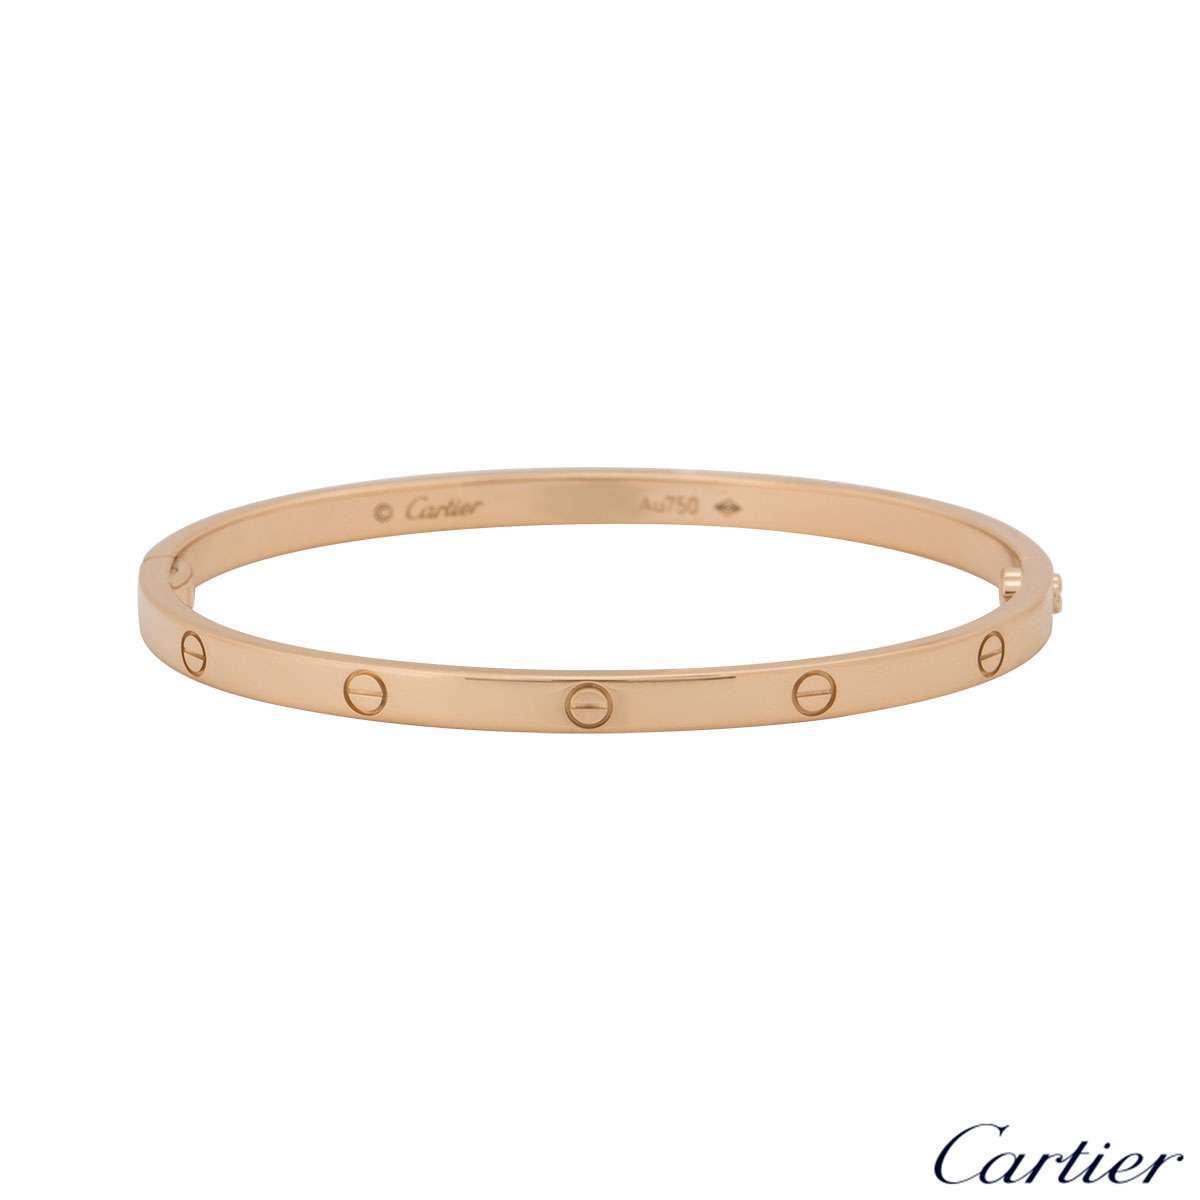 Cartier Rose Gold Plain Love Bracelet SM Size 18 B6047318